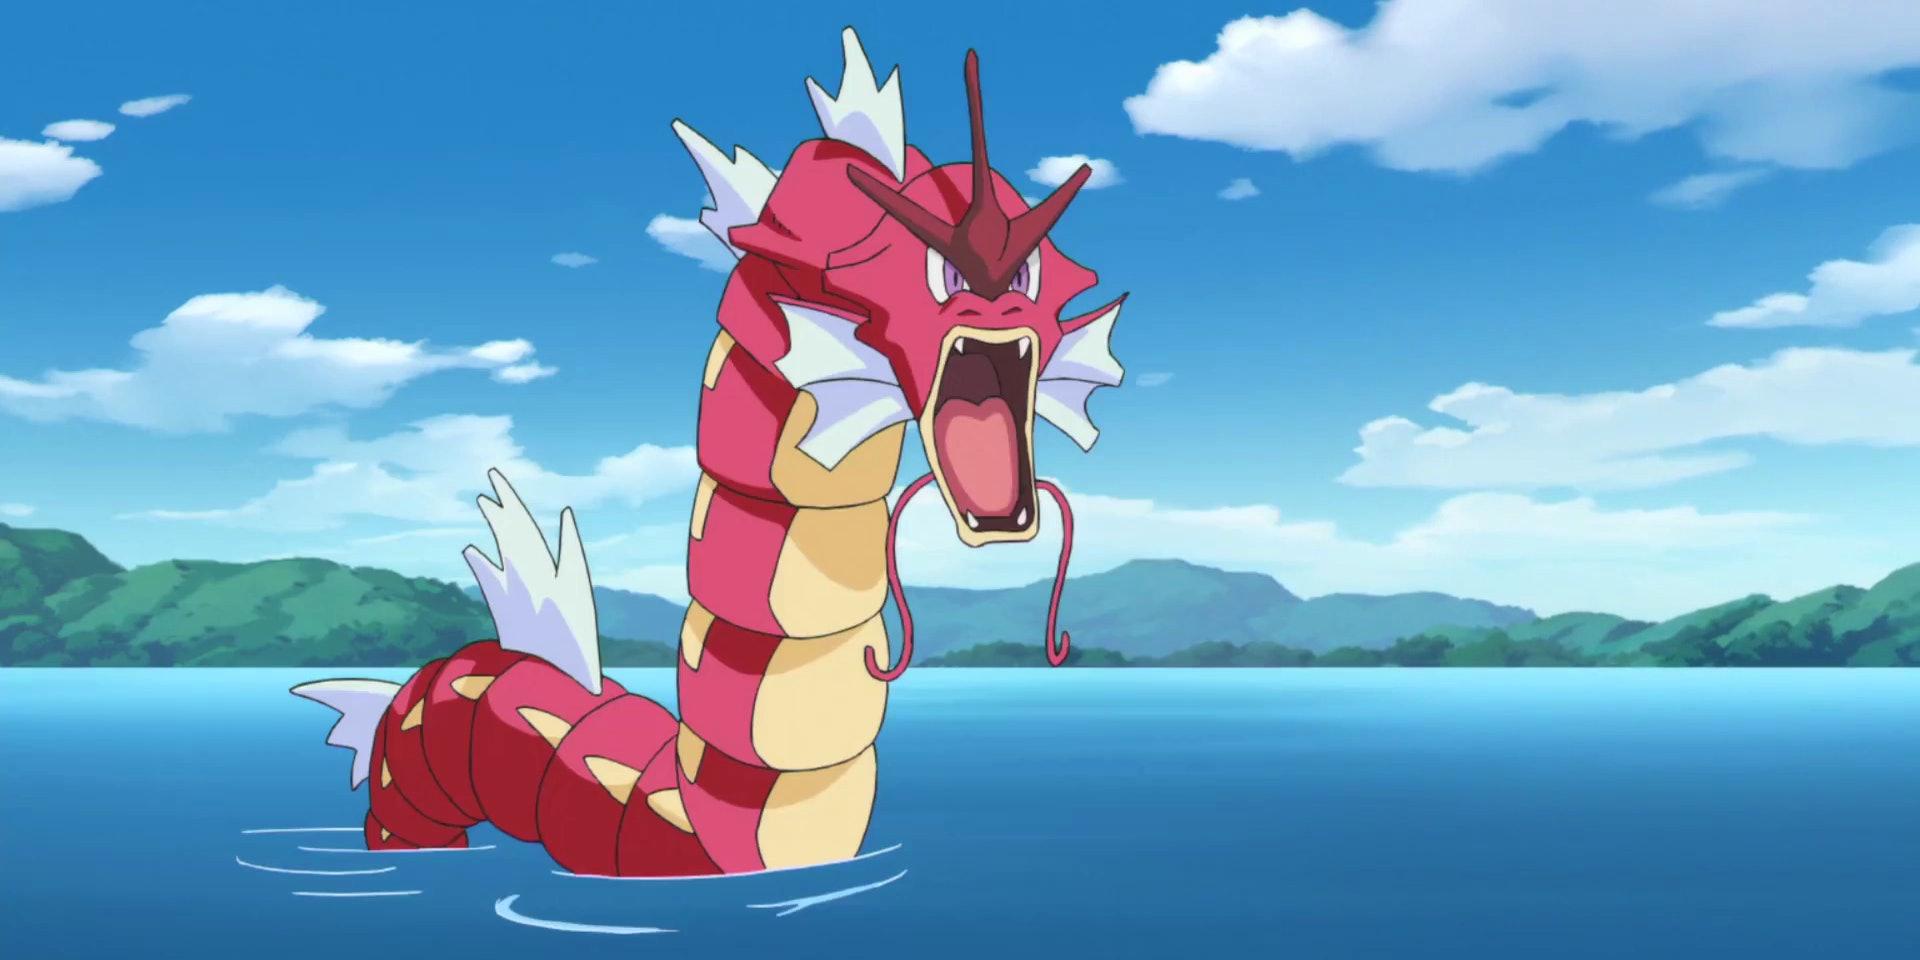 Oro/Argento  segnò il debutto dei Pokémon cromatici, di cui Gyaridos Rosso è forse il più iconico. Cioè, chi è arrivato ai Superquattro senza portarselo in squadra almeno una volta?